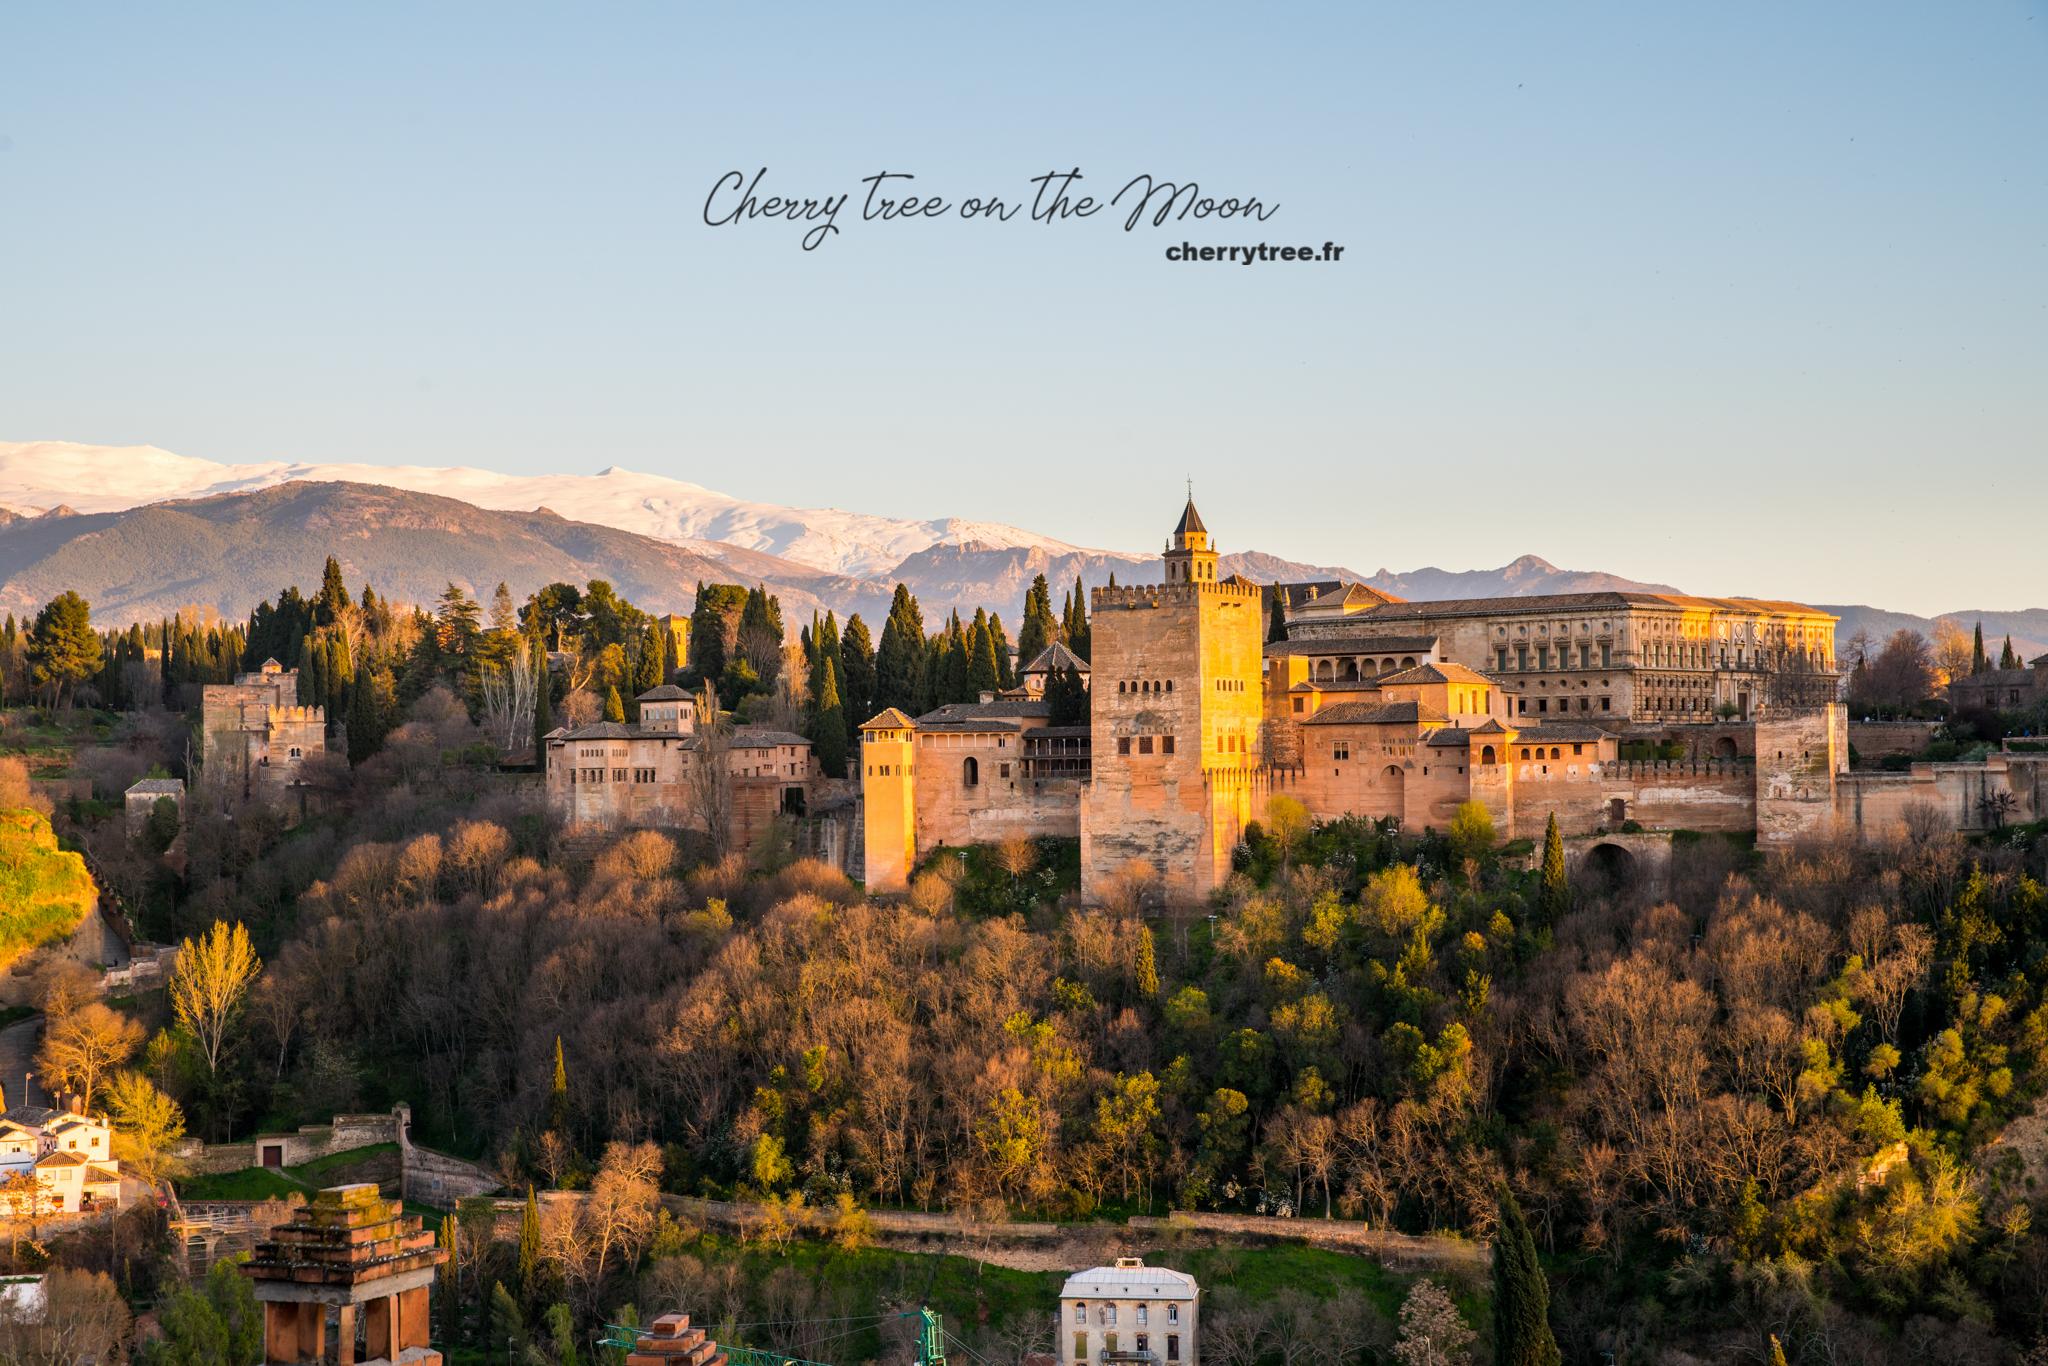 Alhambra nhìn từ Mezquita Mayor de Granada , một trong những view point đẹp nhất của Granada. Alhambra hiện trên nền xanh của cây cối và màu trắng của tuyết phủ trên dải Sierra Nevada